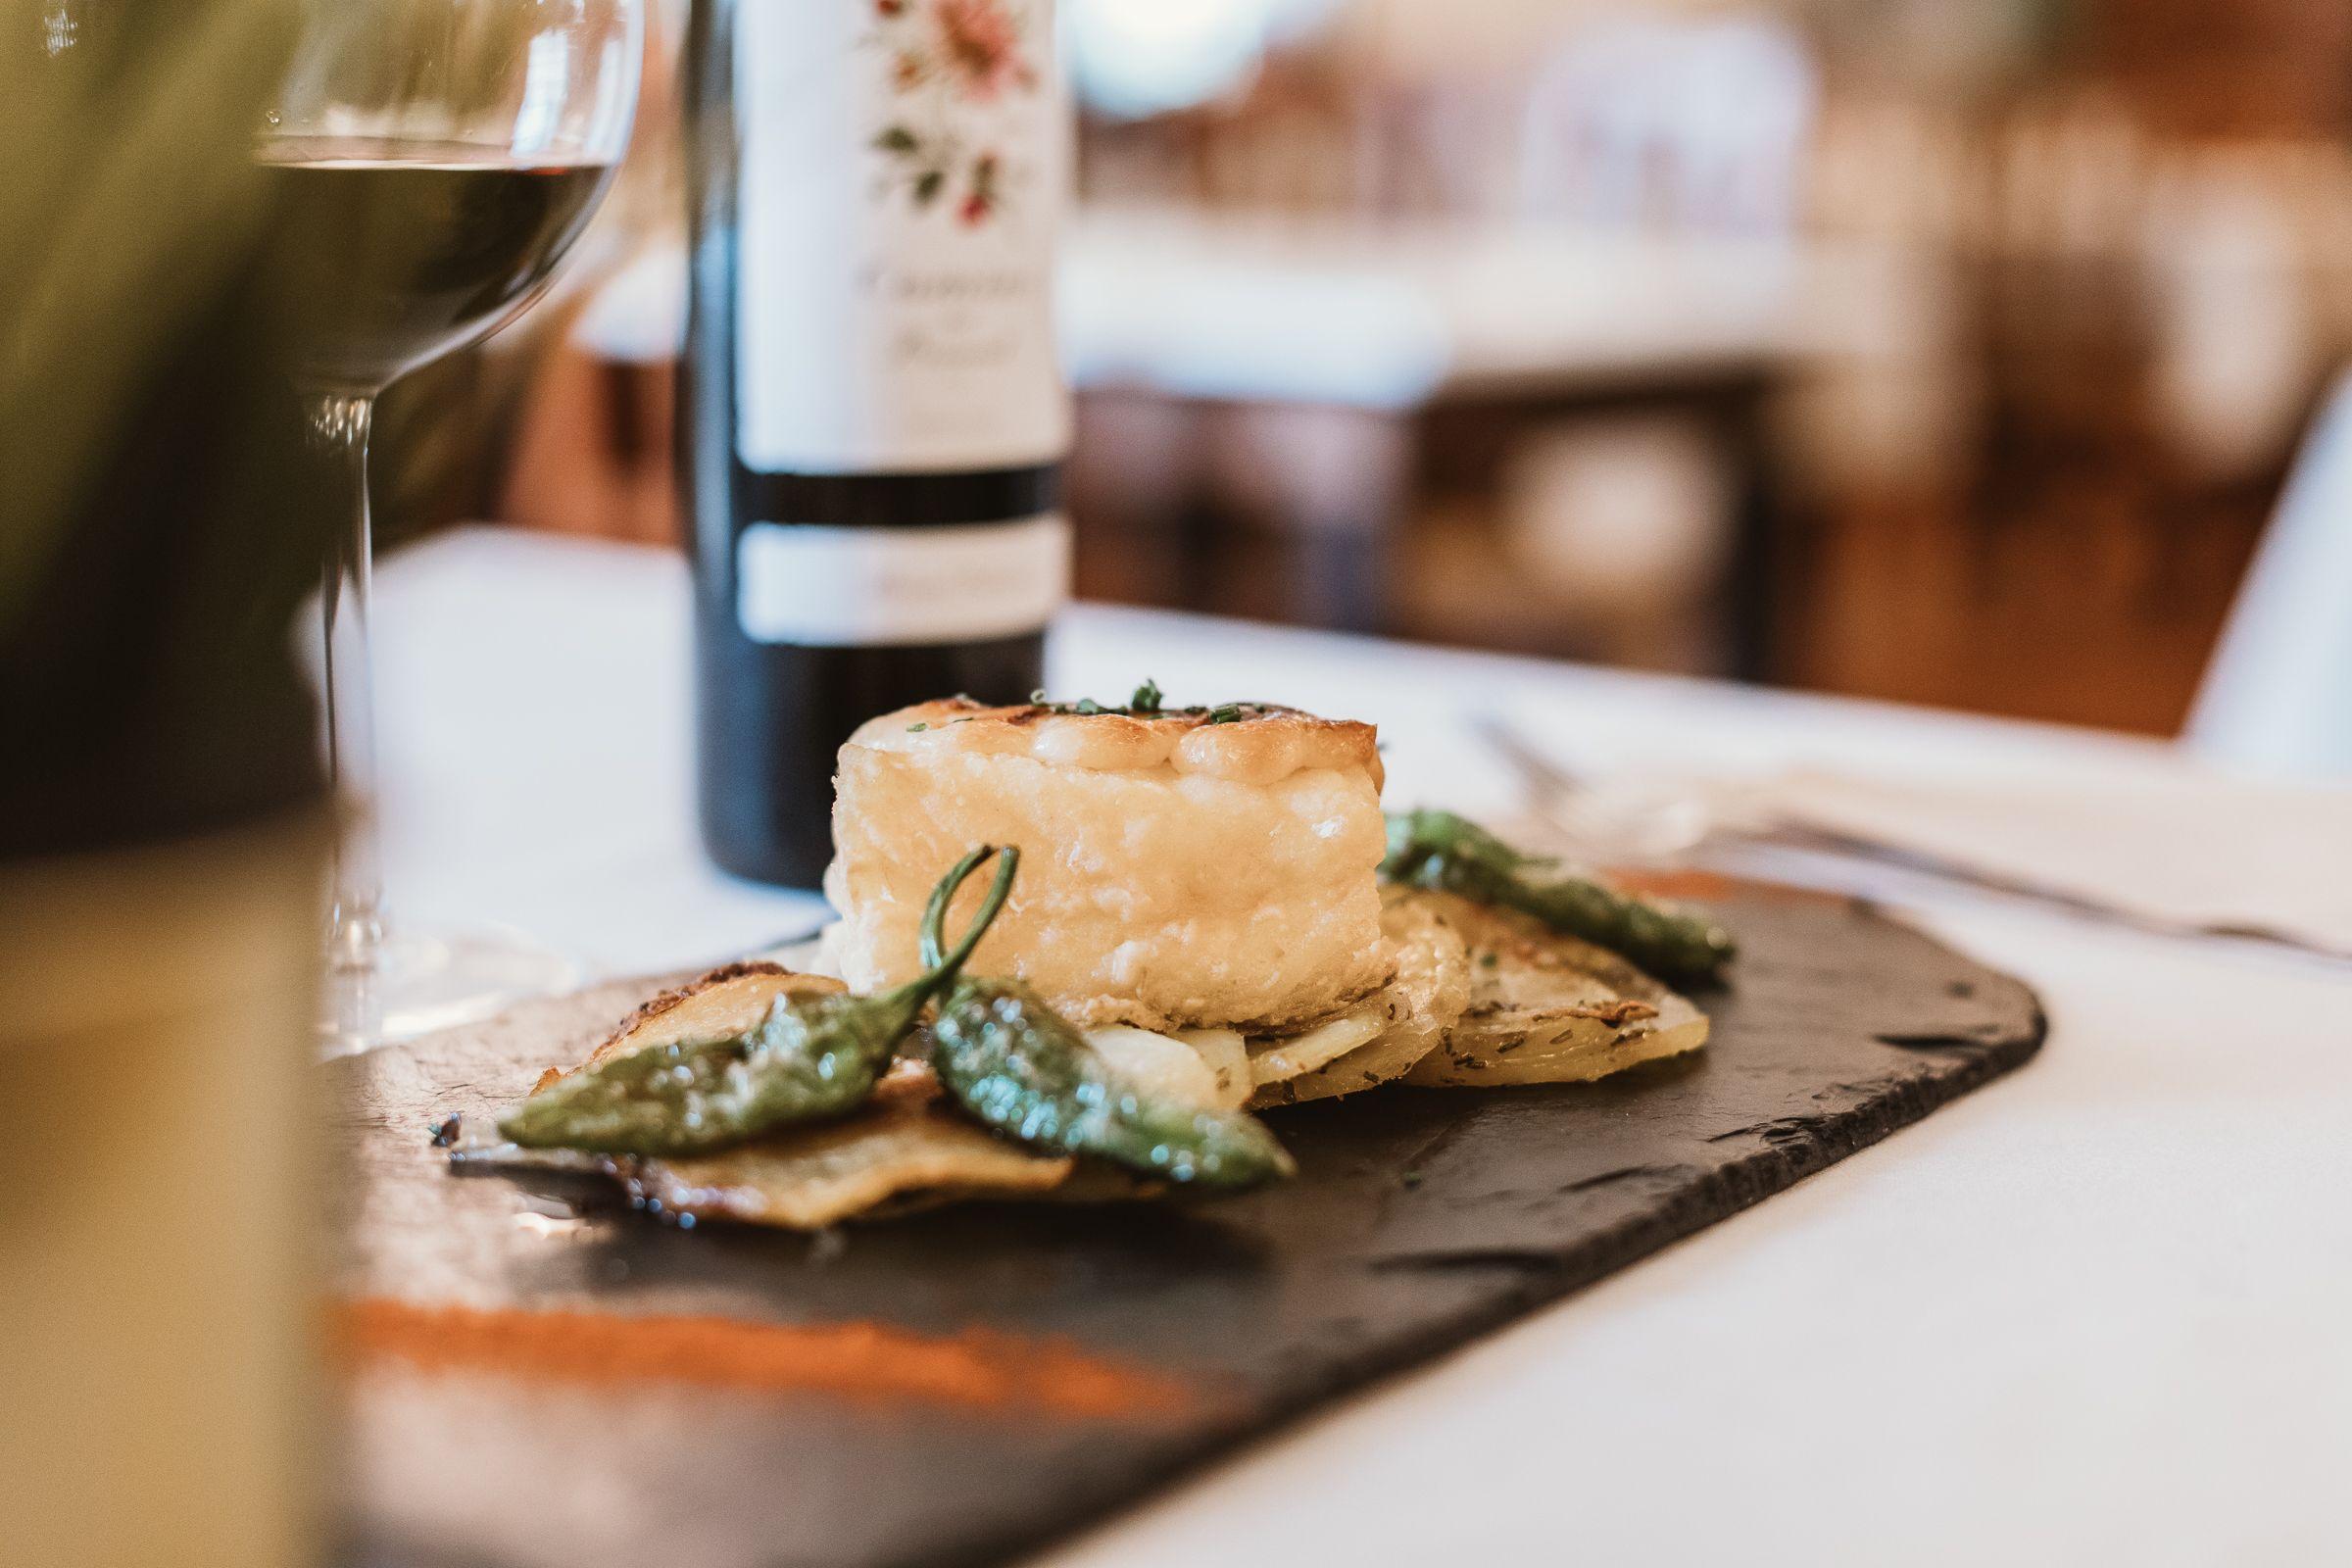 Acompanya els teus plats amb uns vins de la terra FOTO: osorioartist INSTAGRAM: @osorioartist